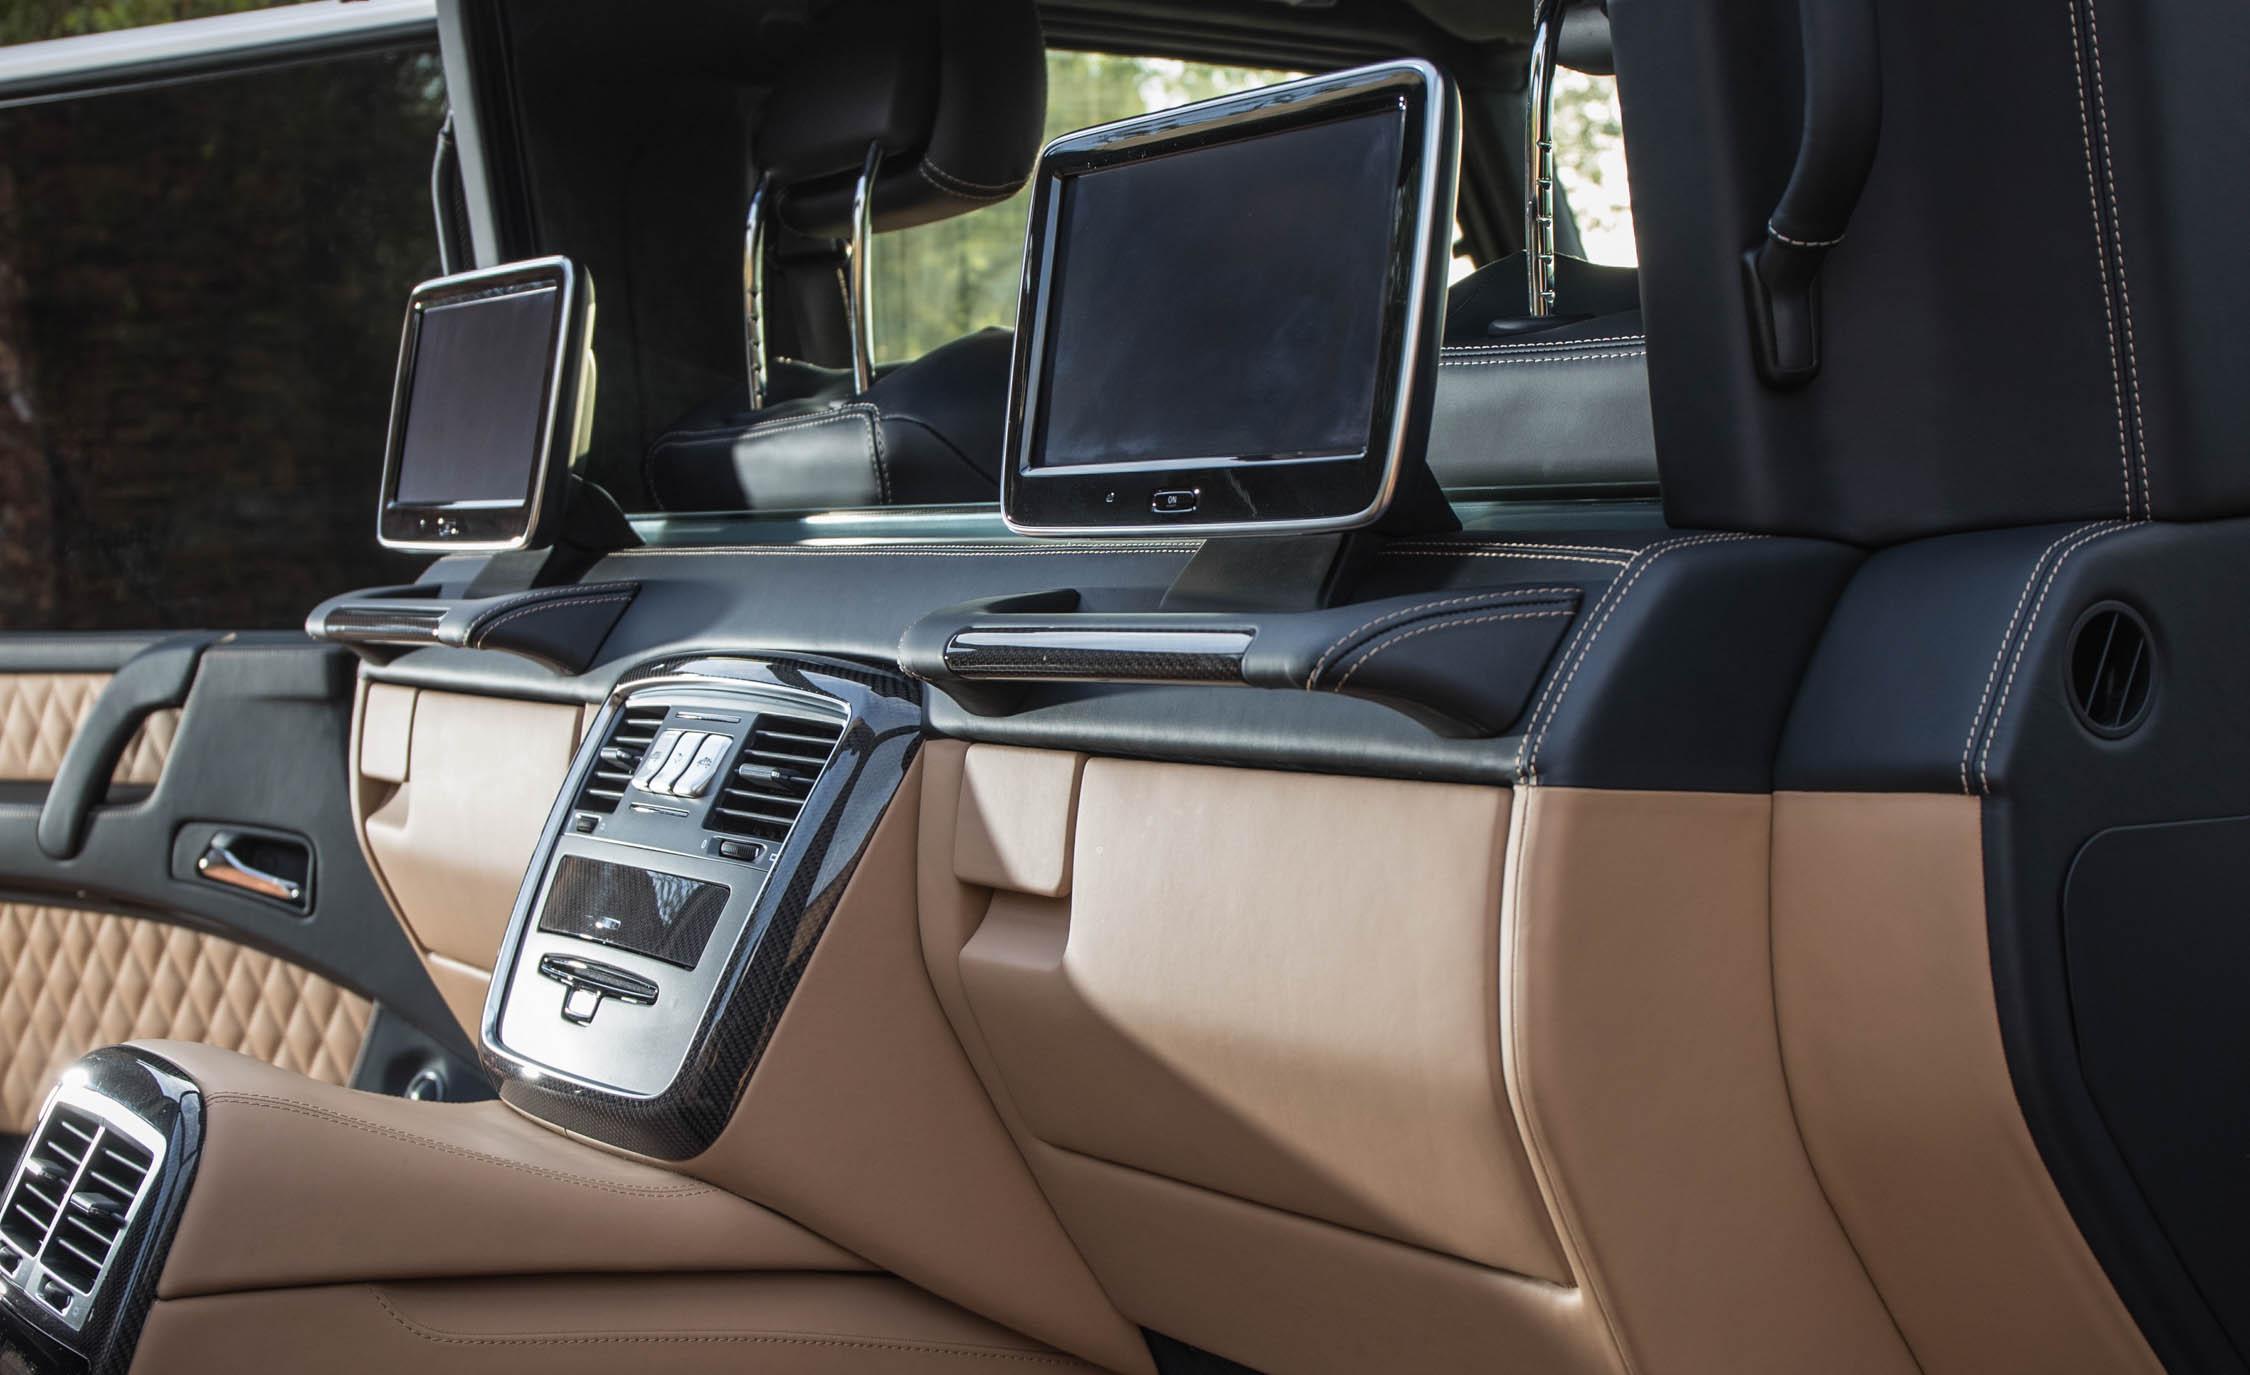 https://cevpu.com/wp-content/uploads/2017/02/2018-Mercedes-Maybach-G650-Landaulet-interior-rear-headunit-screen.jpg